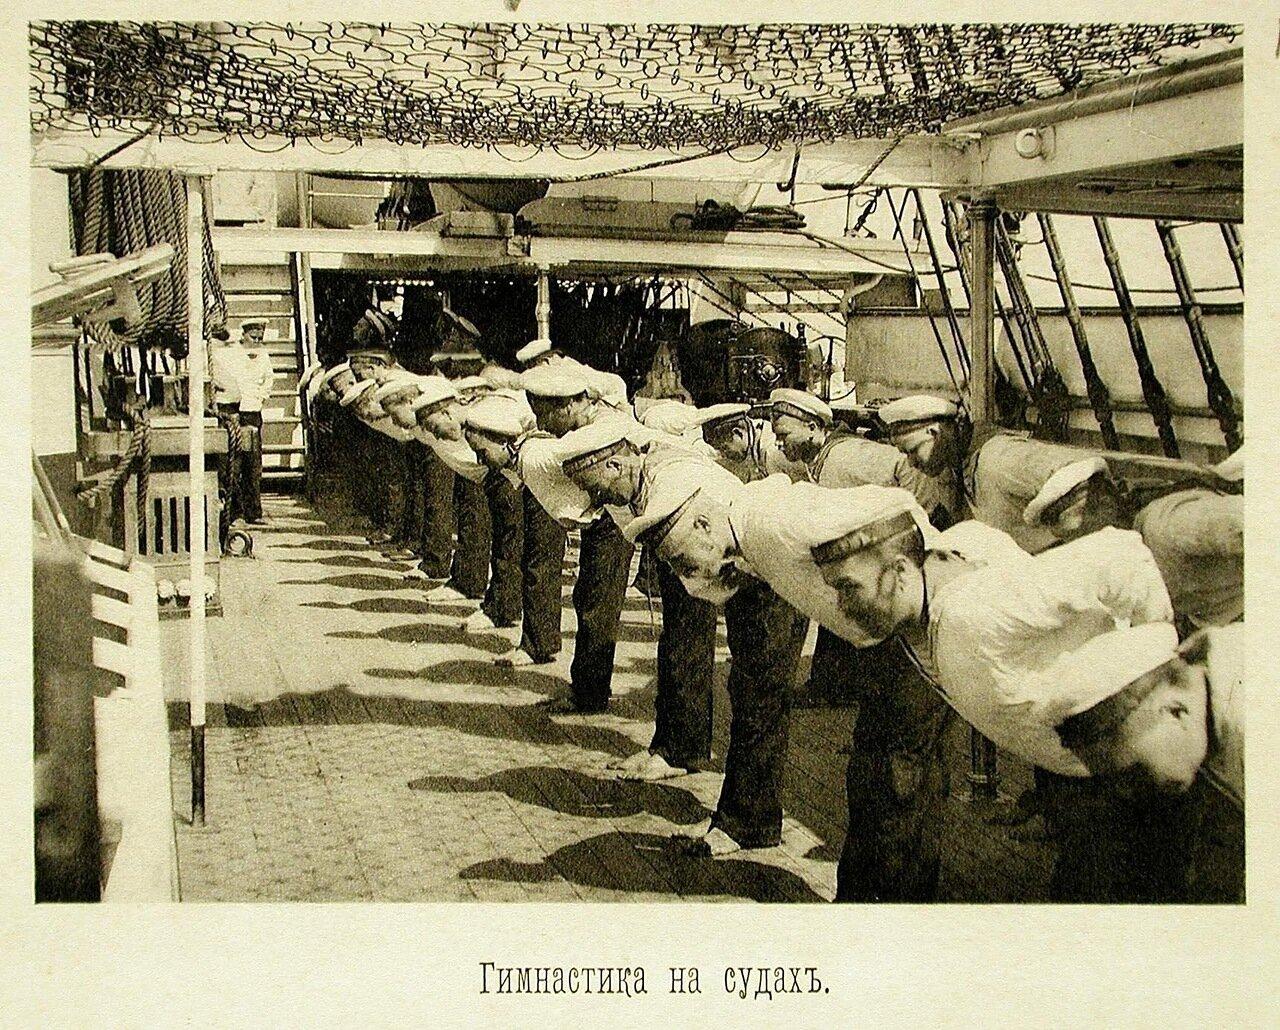 120. Матросы команды одного из судов эскадры вовремя утренней гимнастики